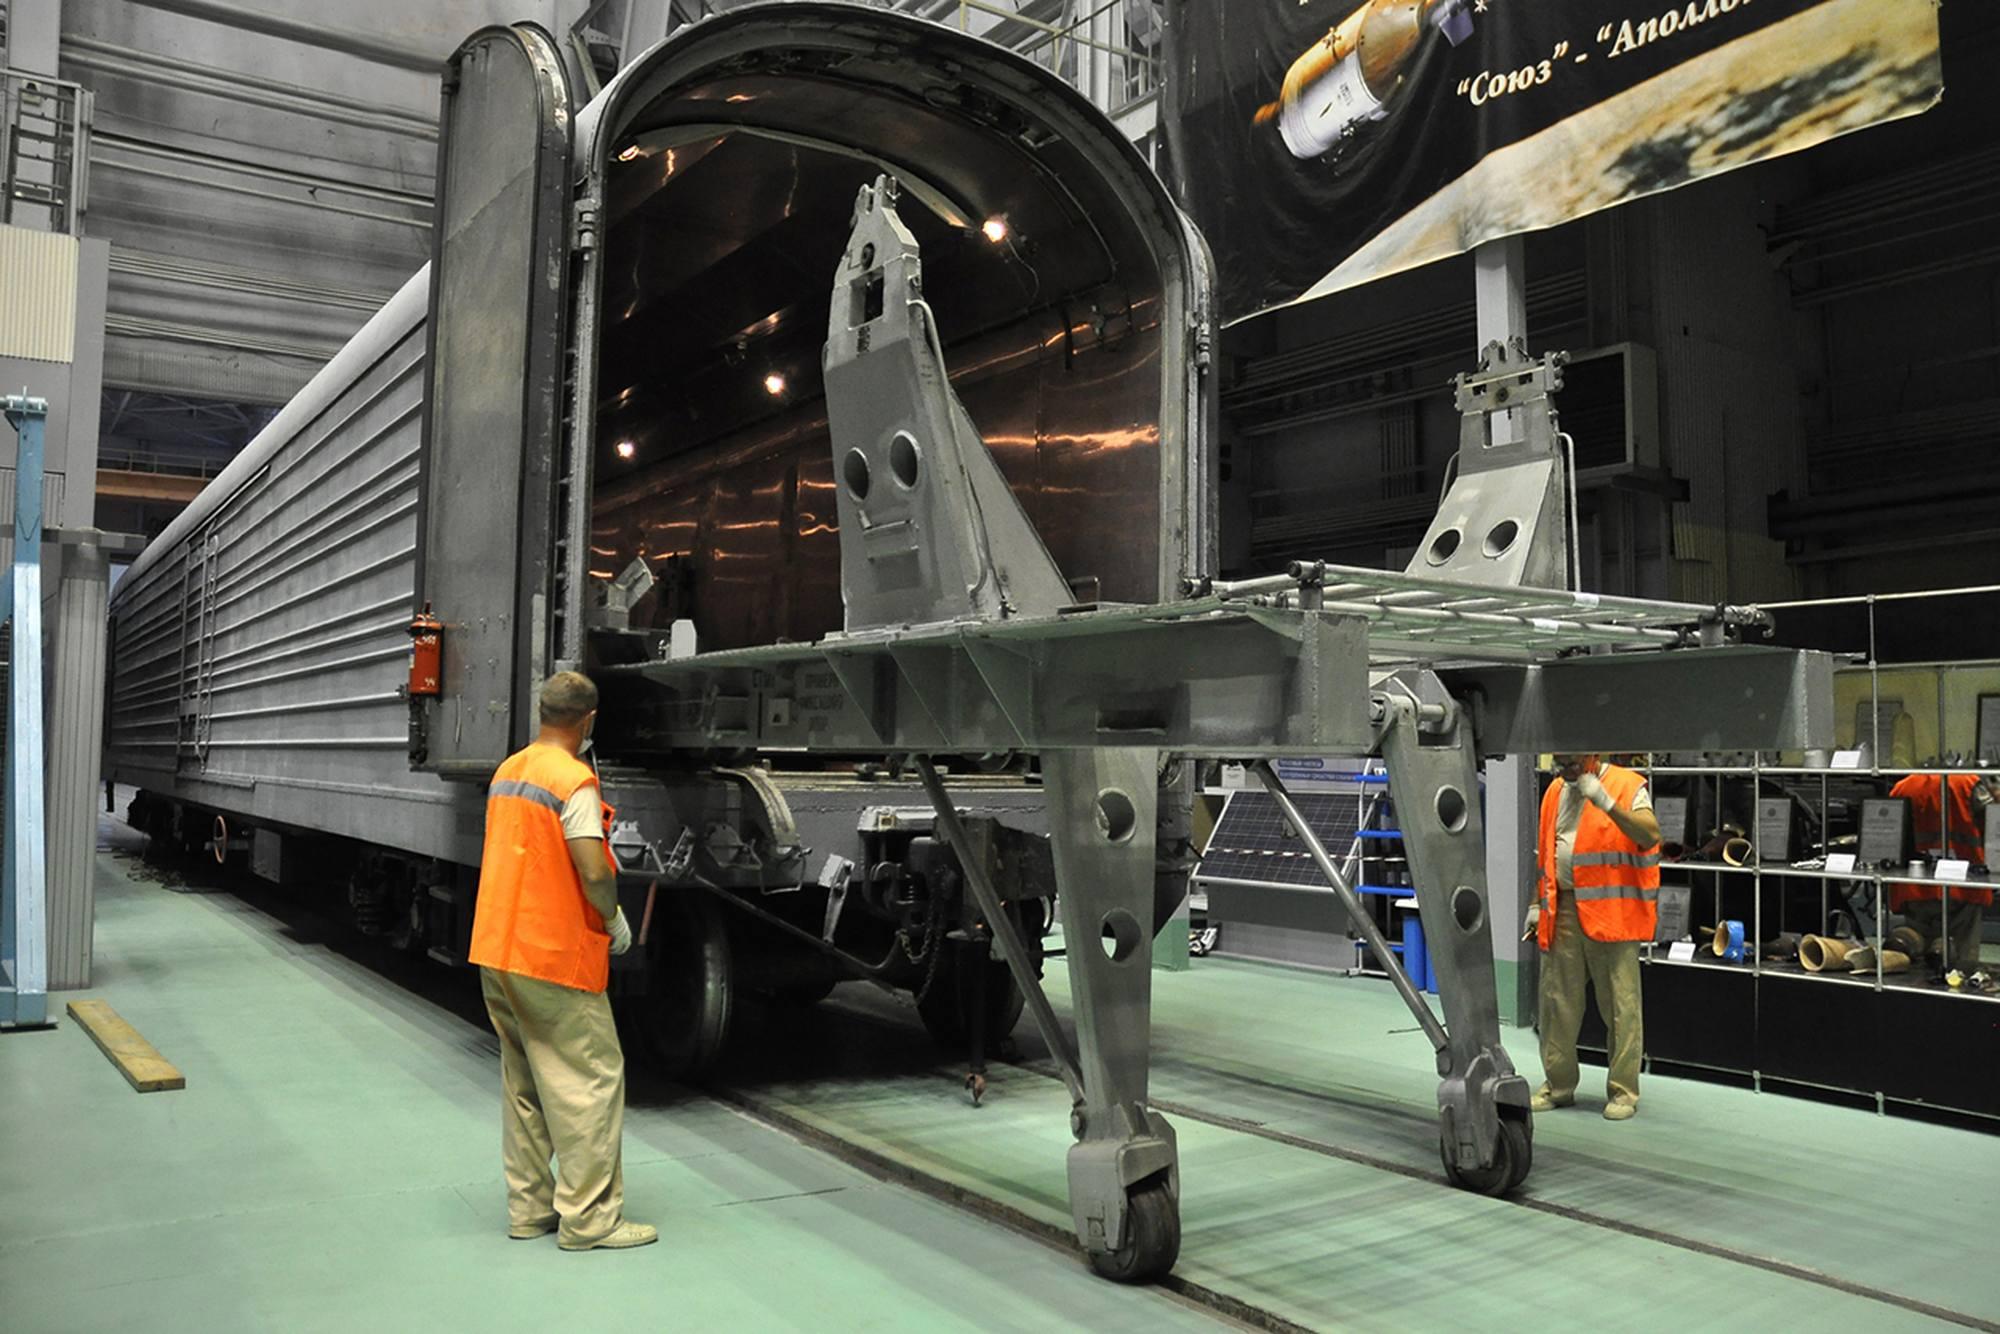 """Soyouz MS-20 sera ensuite """"enfourné"""" dans un wagon de transport à l'aide d'un autre charriot sorti du wagon."""